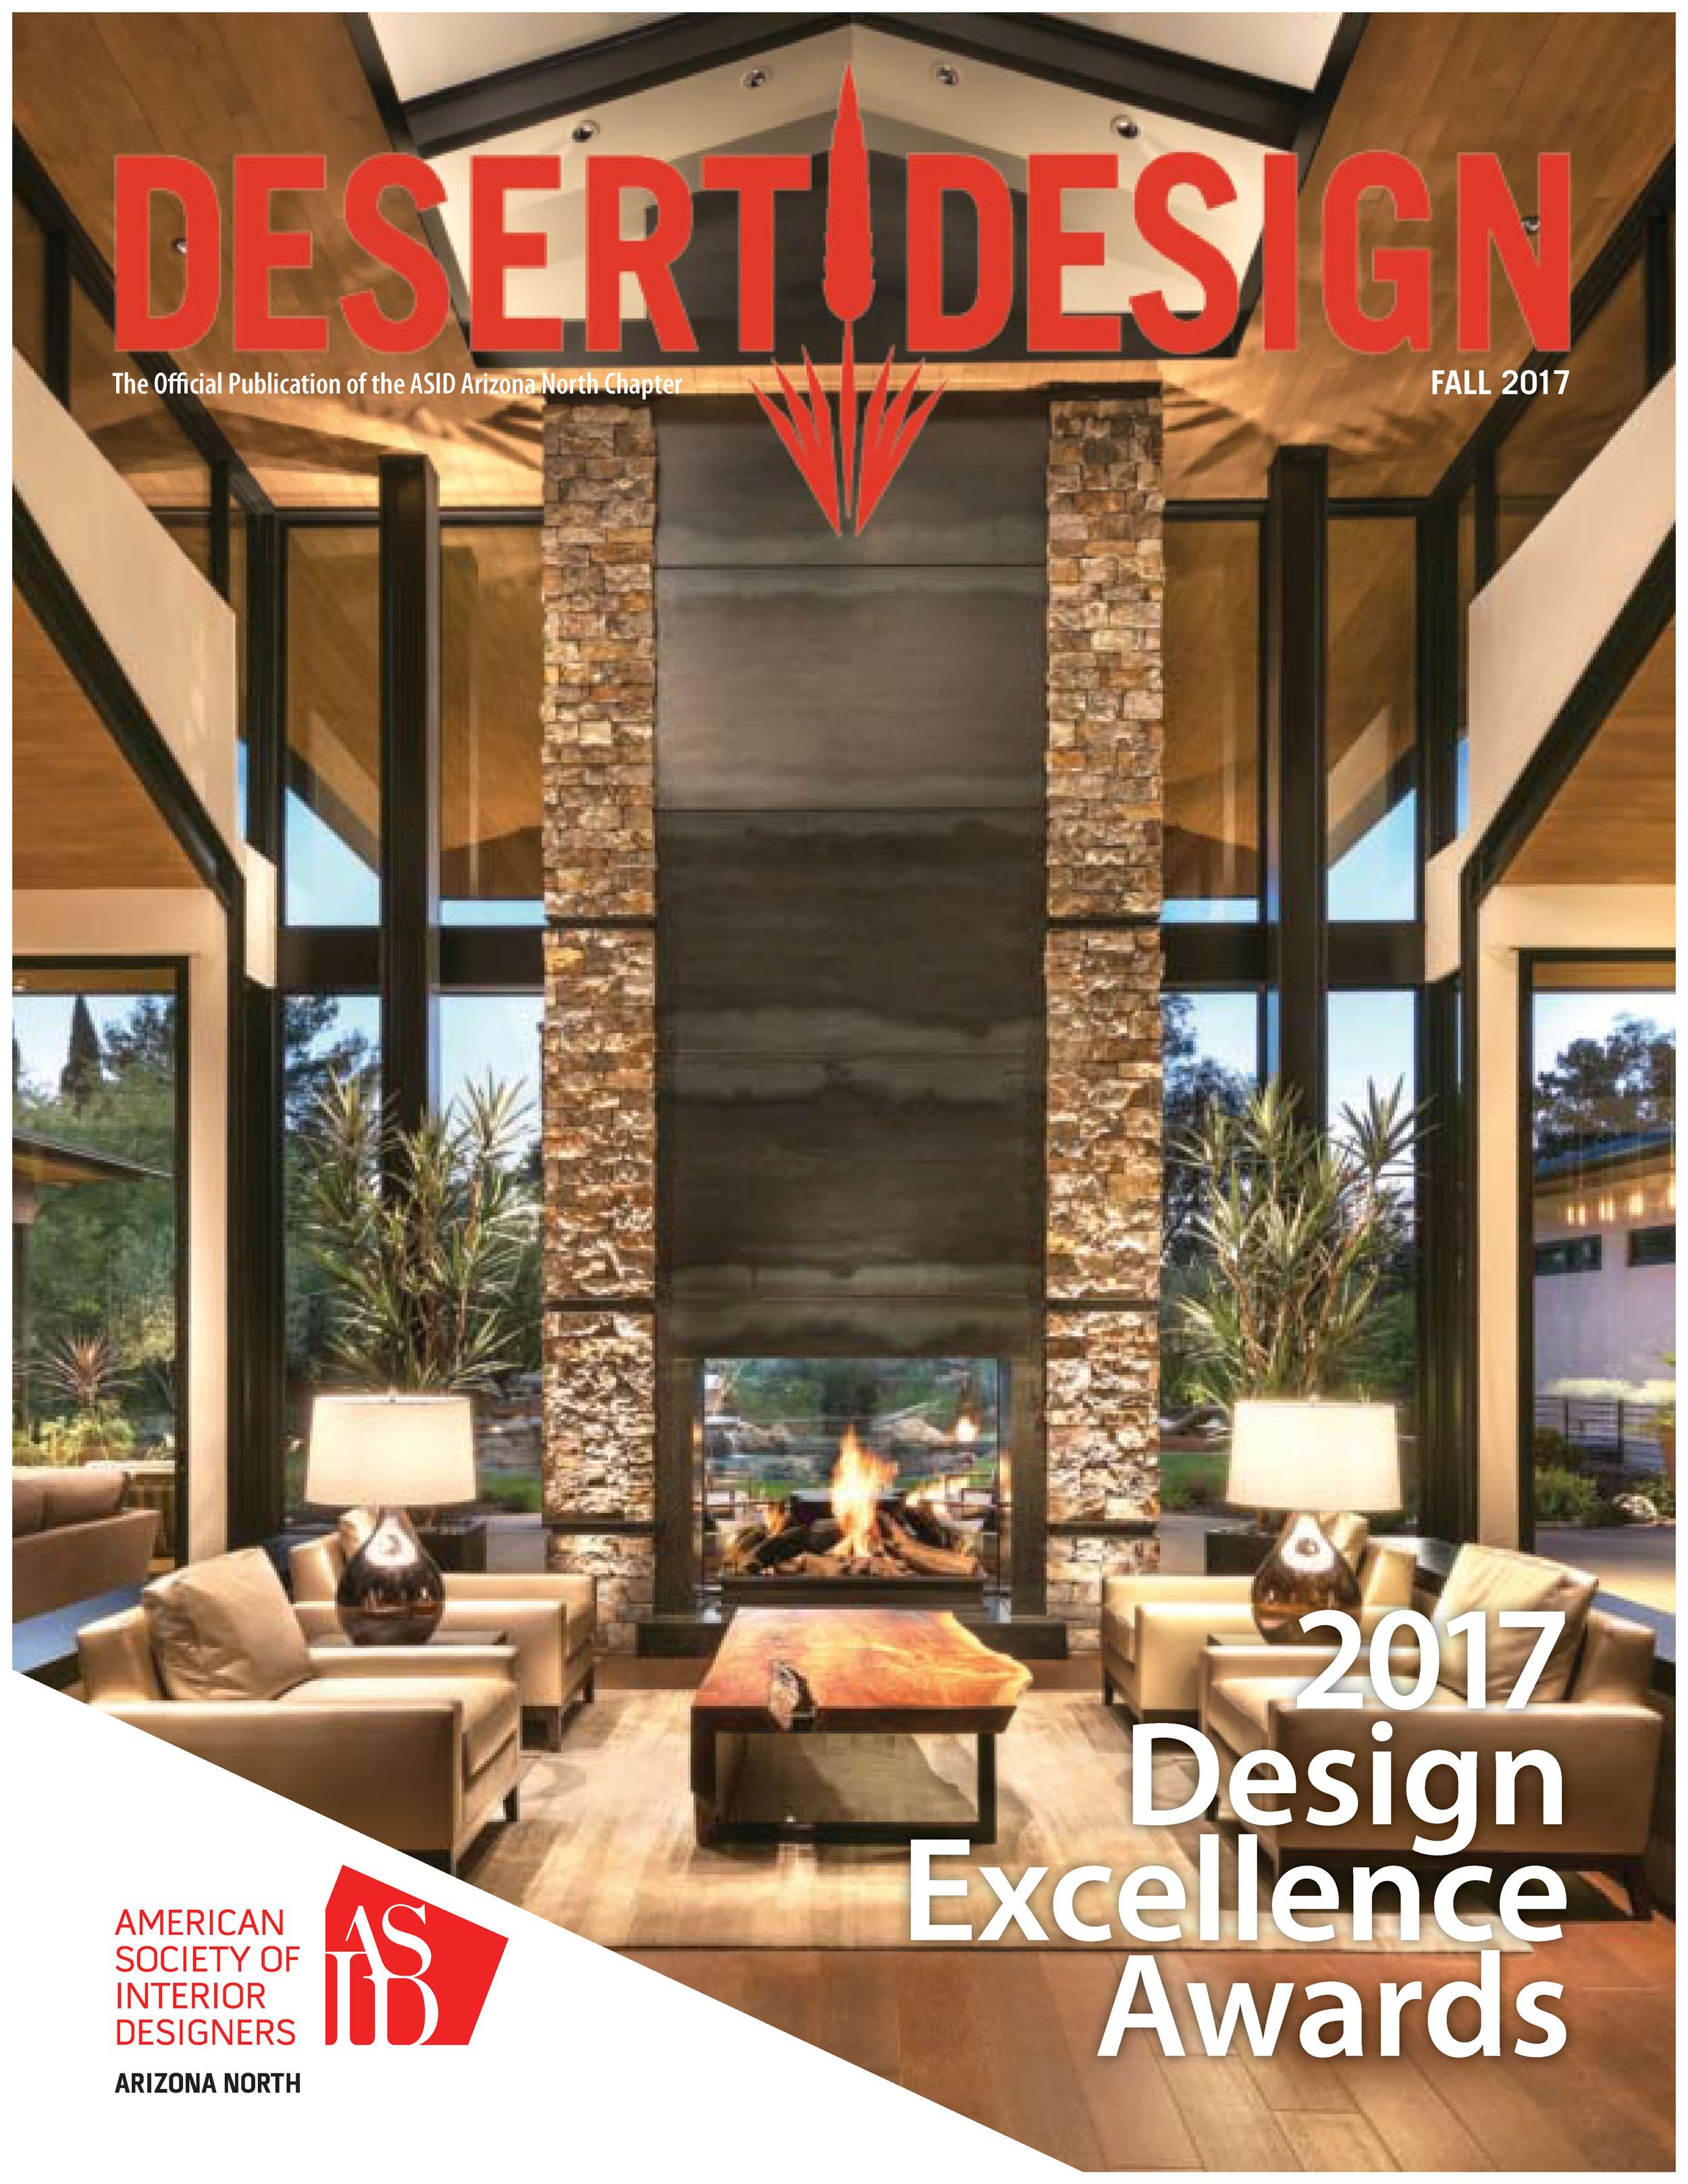 asid interior design. PAST ISSUES ARCHIVE Asid Interior Design